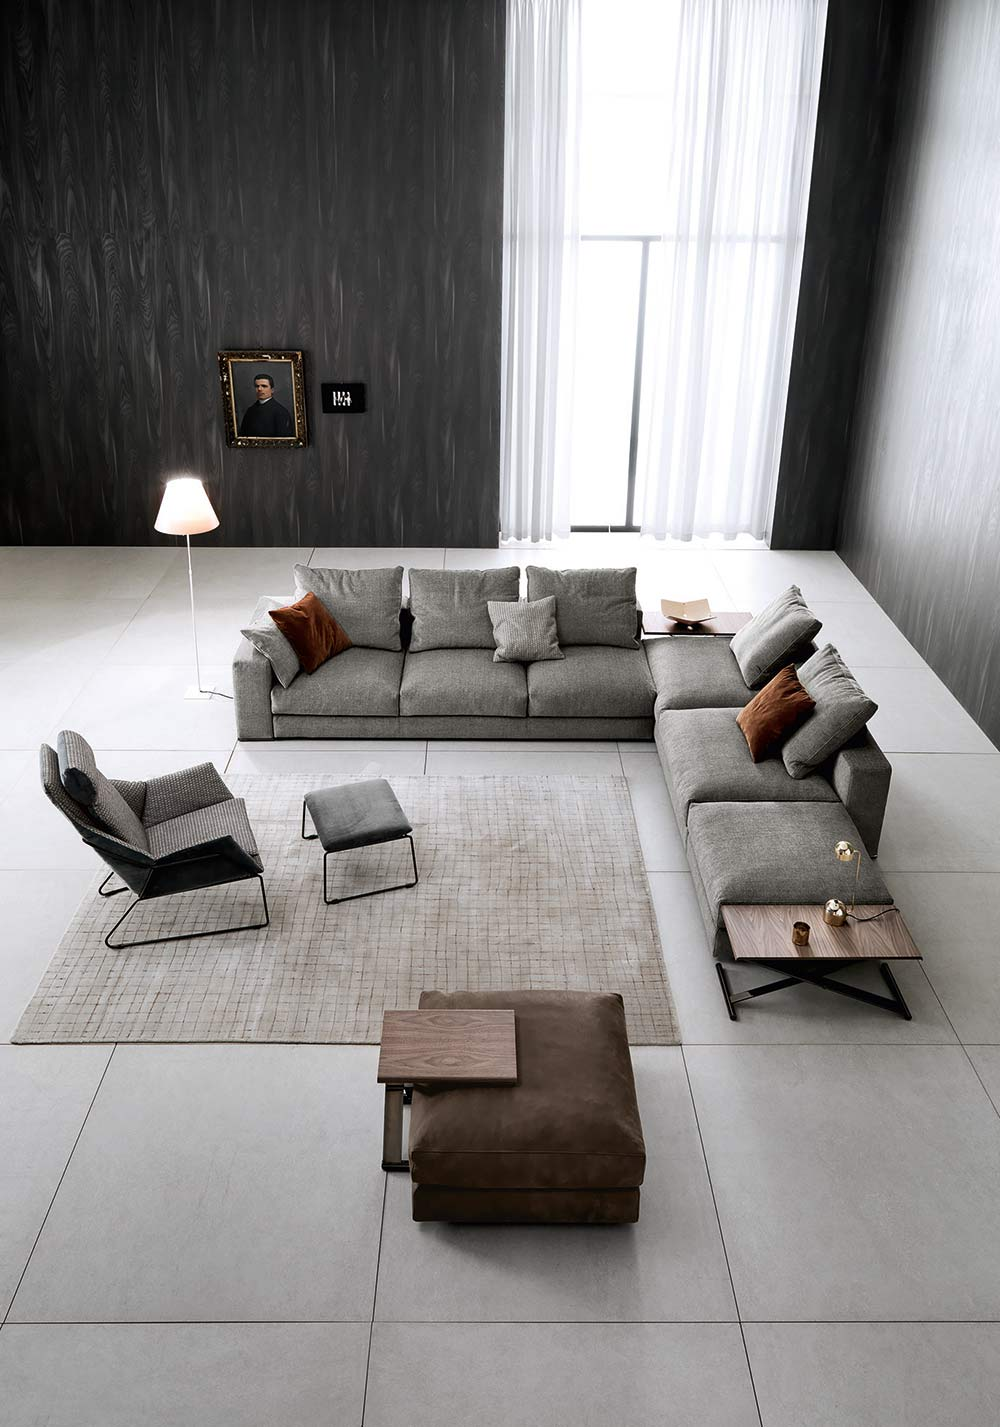 Saba Italia Srl  European Business - Designer sofas for living room